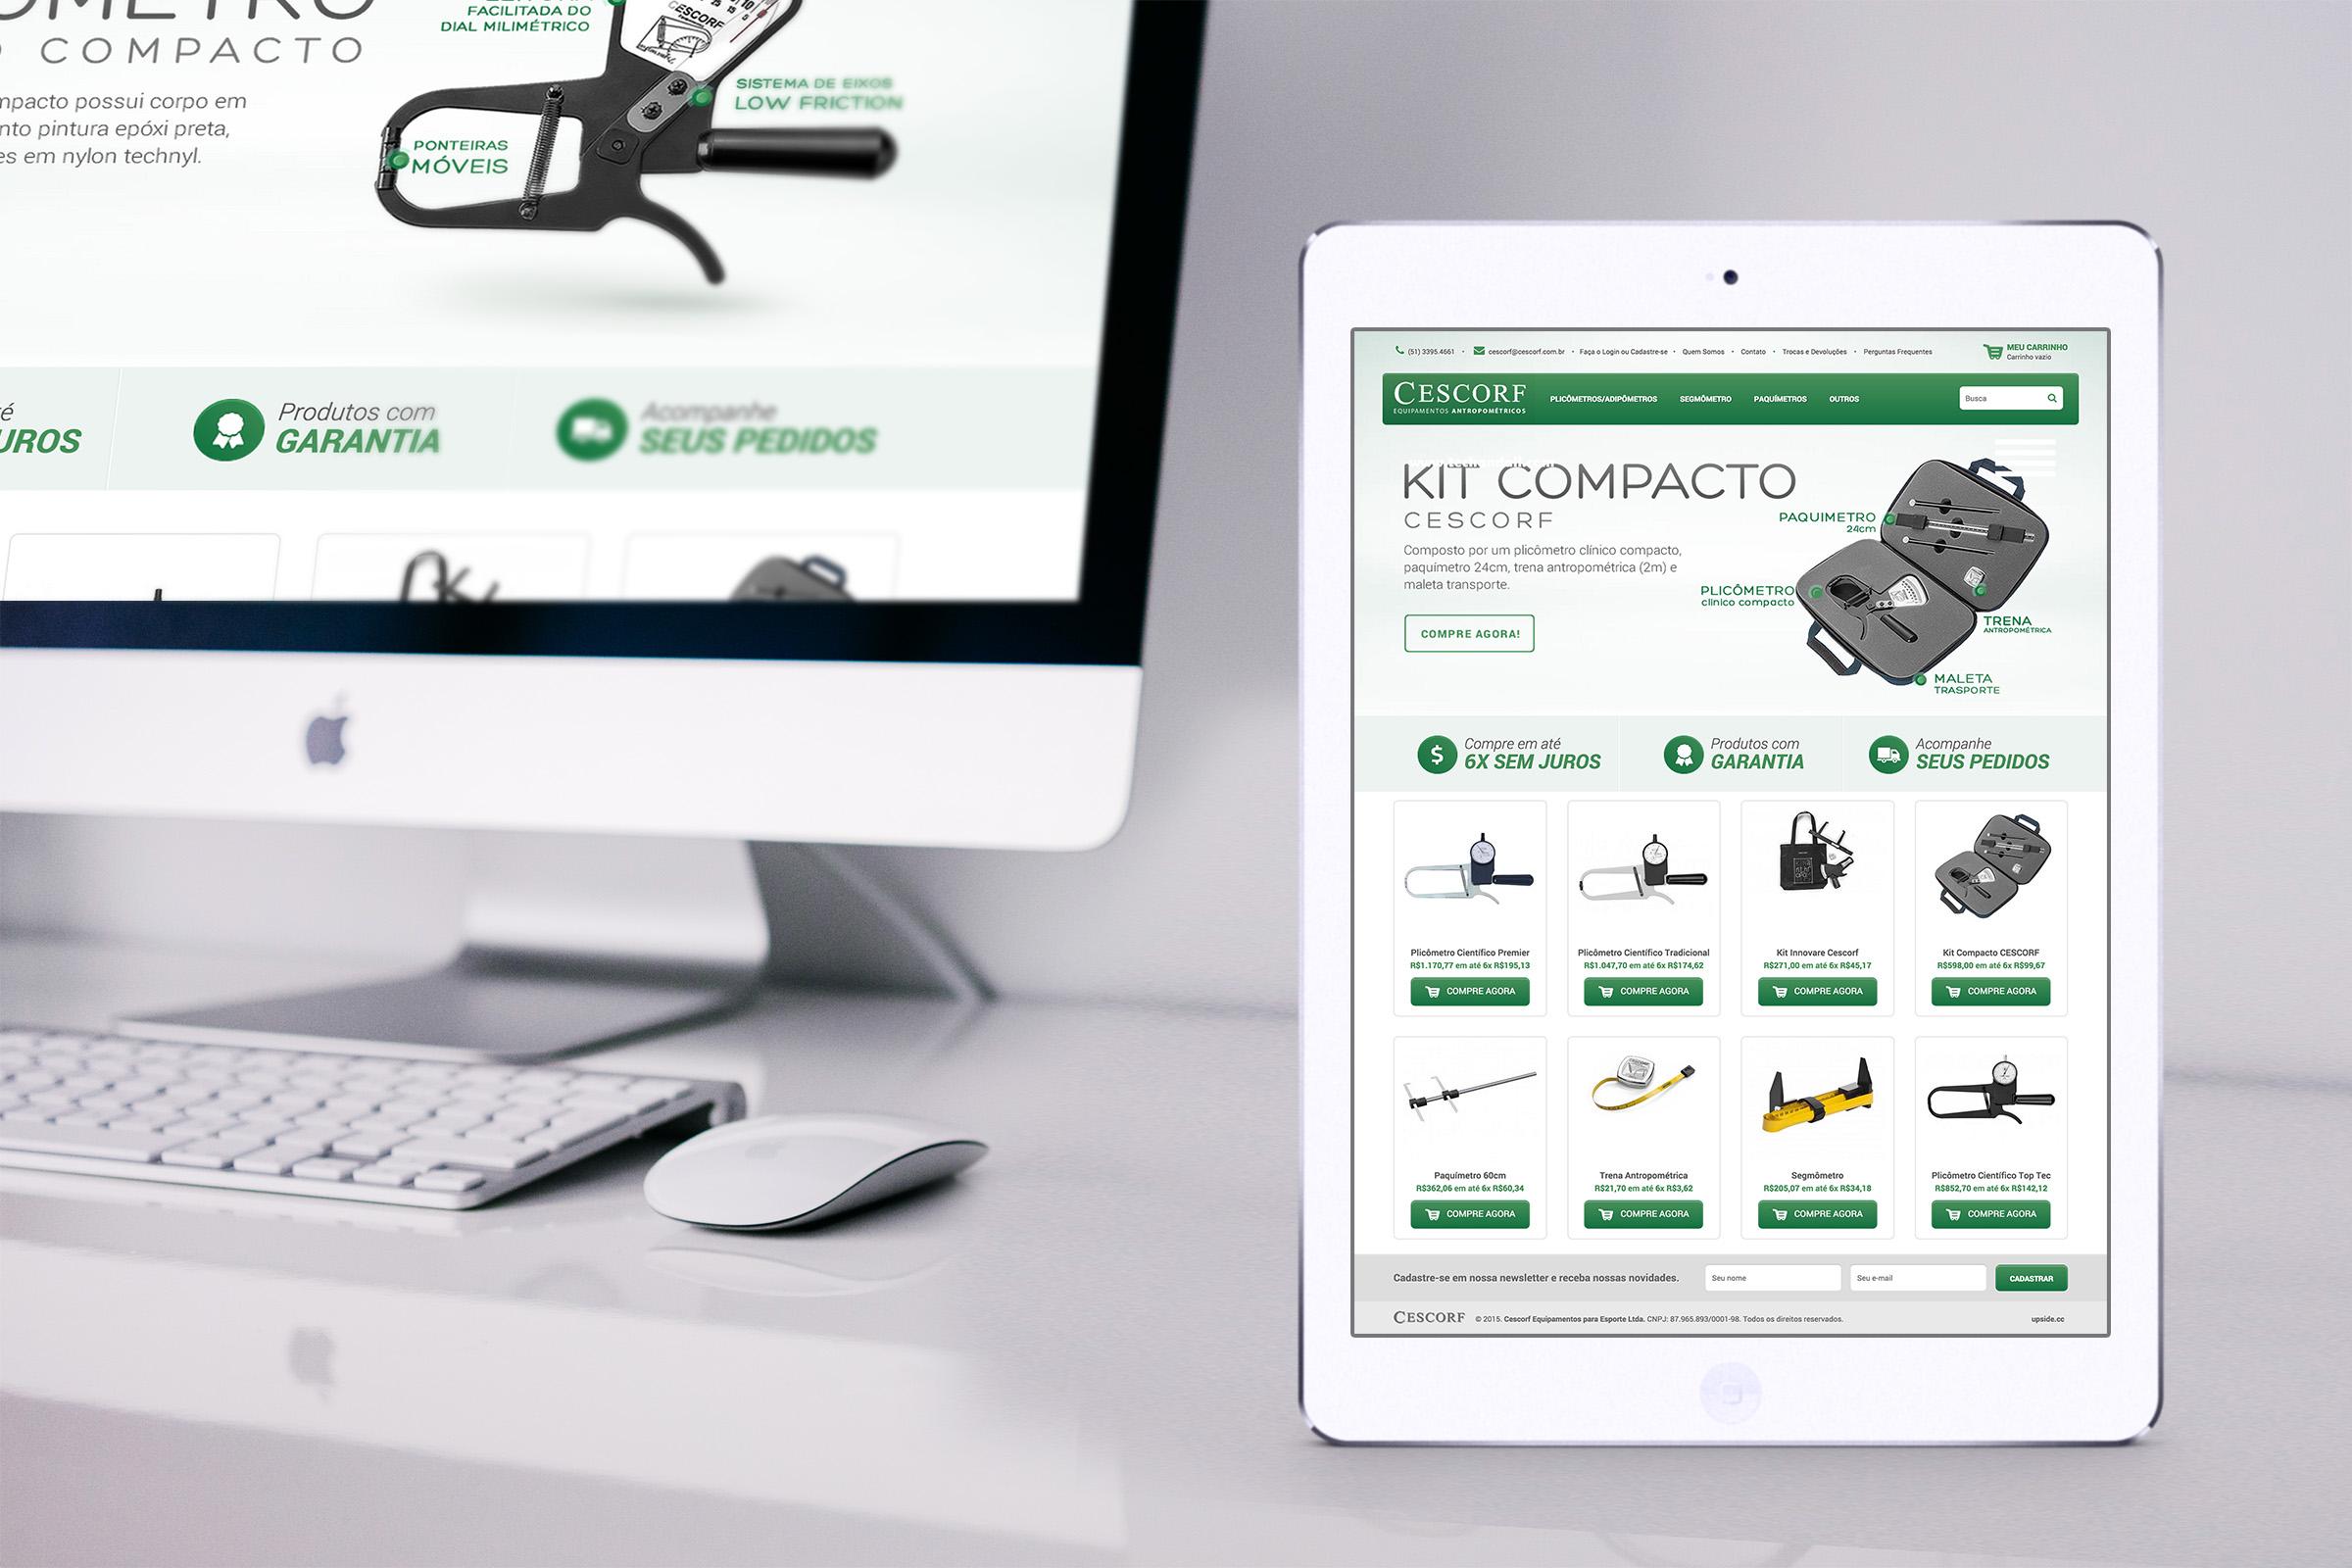 Projeto loja virtual Cescorf